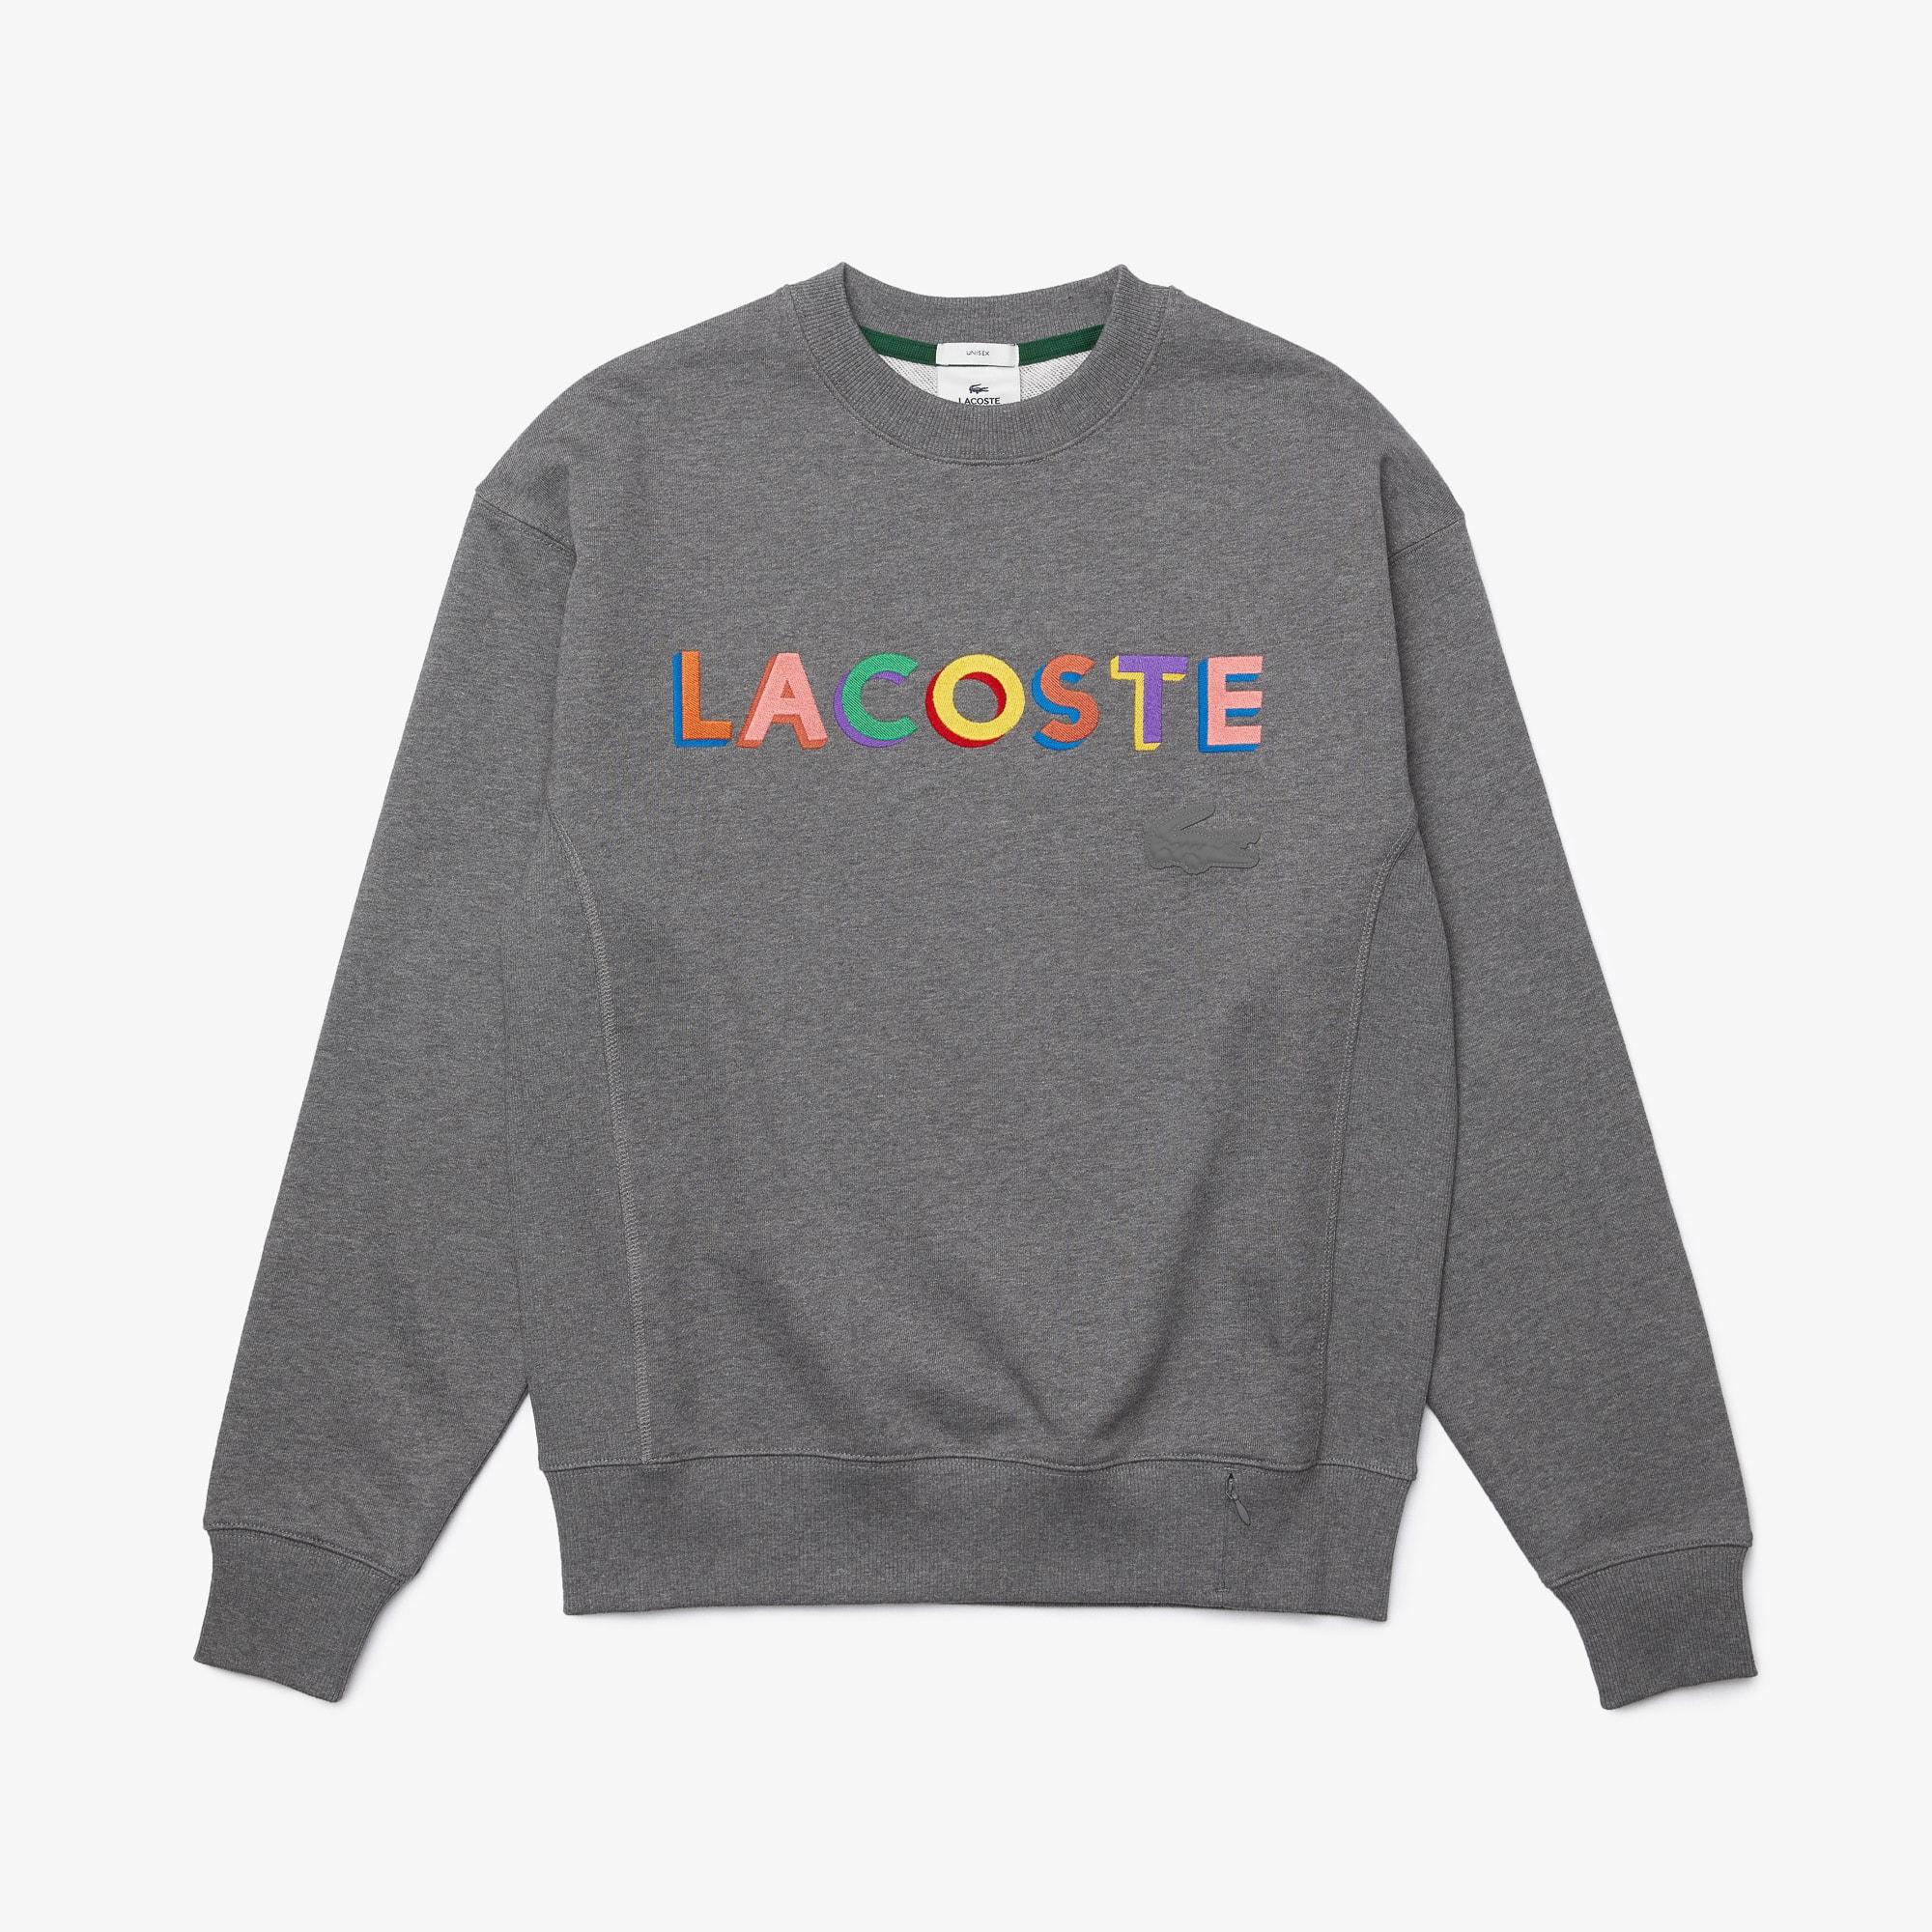 라코스테 라이브 남녀공용 맨투맨 Lacoste Unisex LIVE Loose Fit Embroidered Fleece Sweatshirt